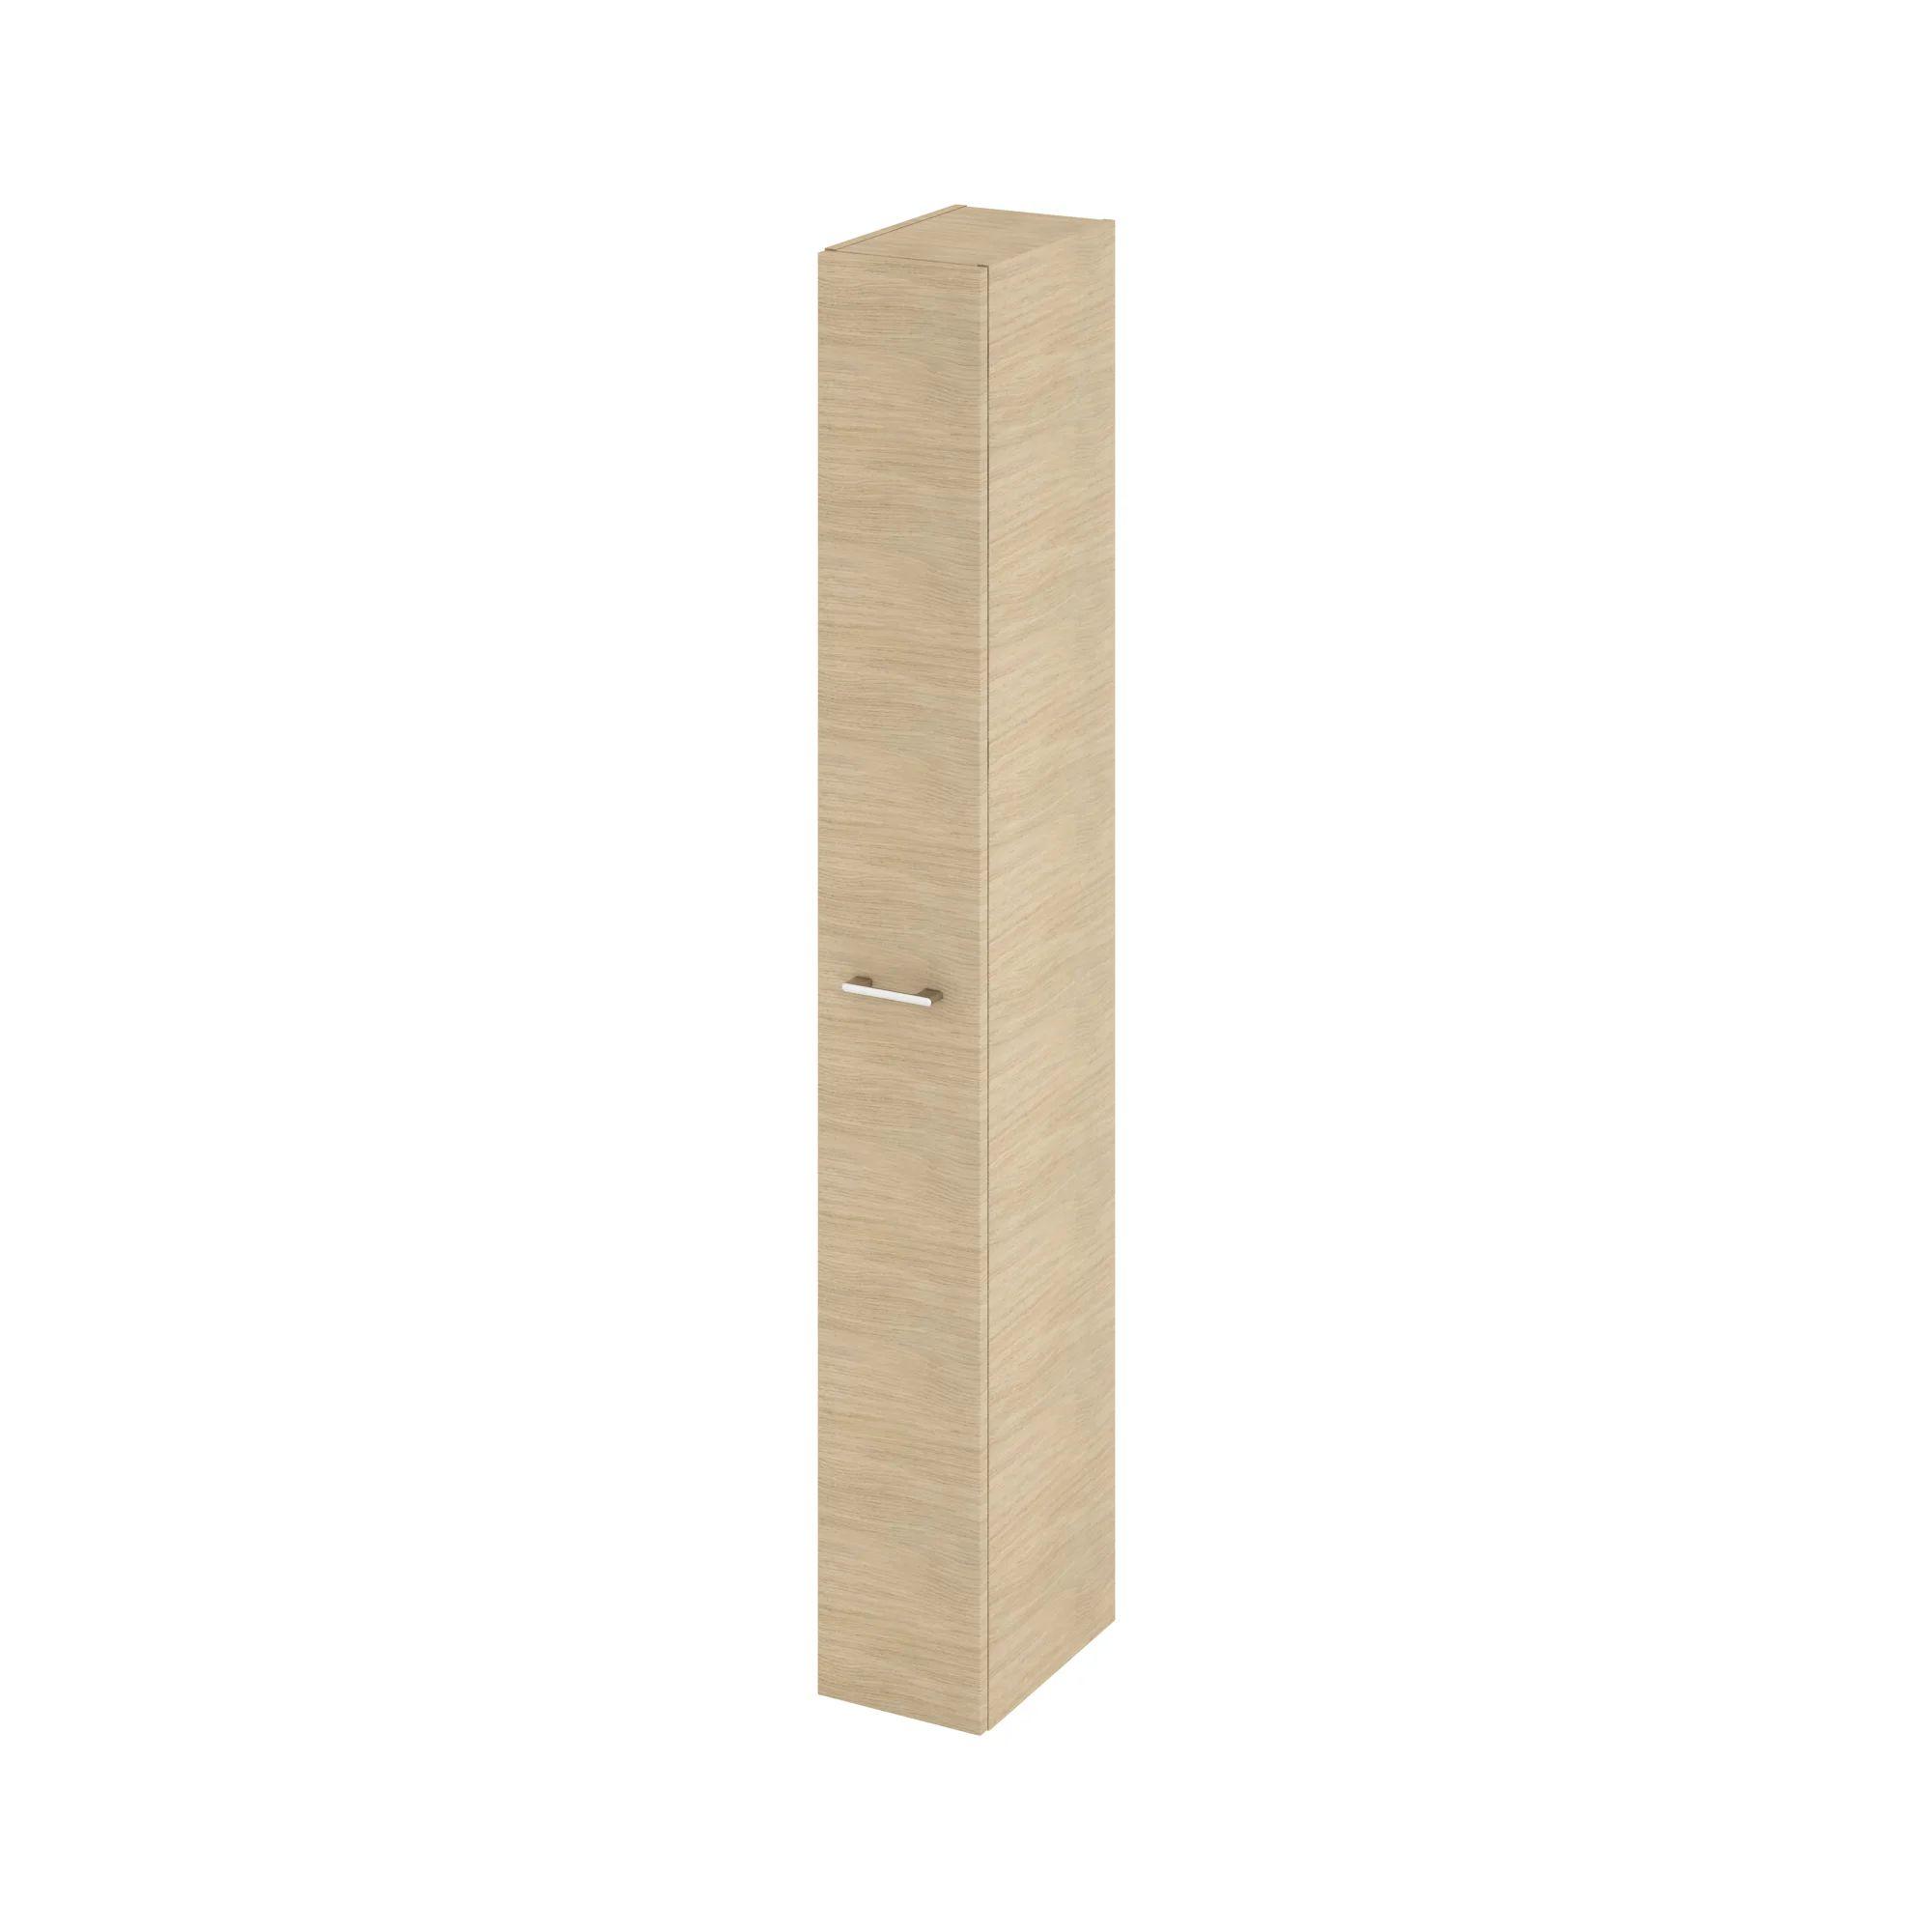 colonne de salle de bains l 22 x h 173 x p 34 8 cm imitation chene naturel rem